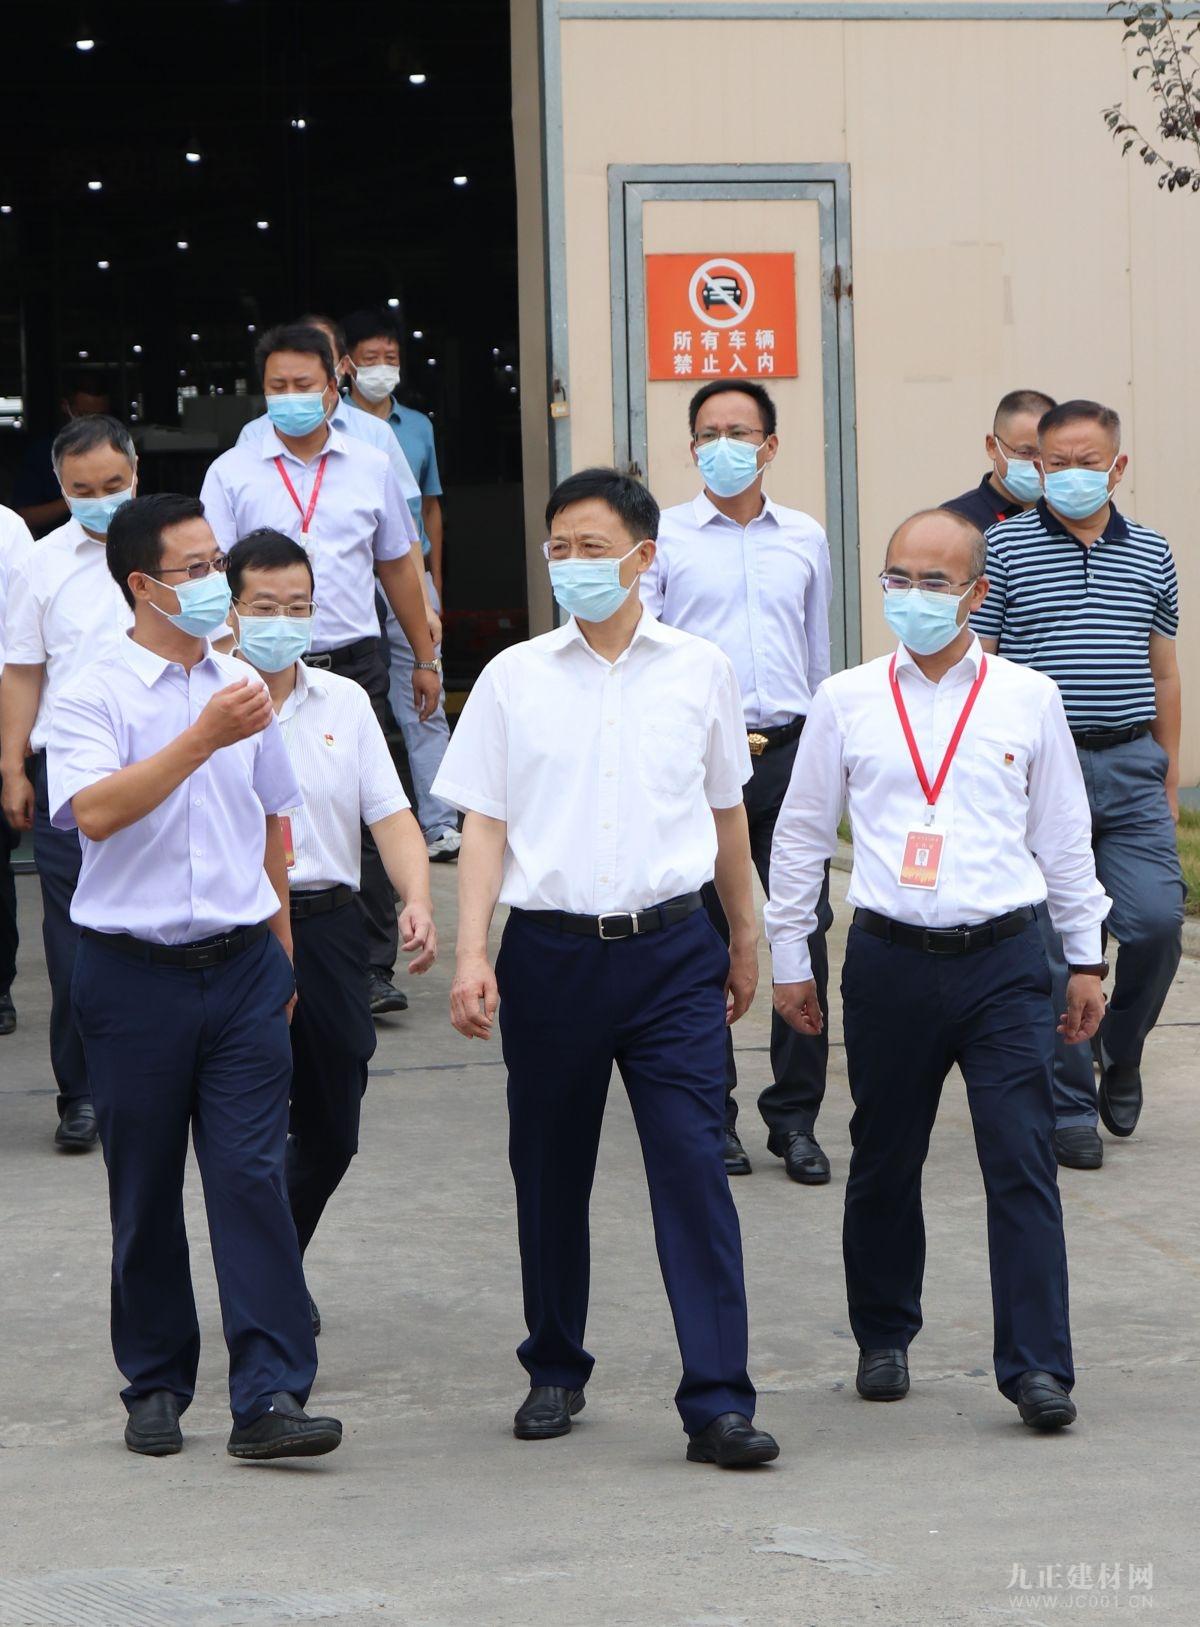 荆门市委书记王祺扬一行视察指导诗尼曼荆门基地疫情防控和生产运行工作